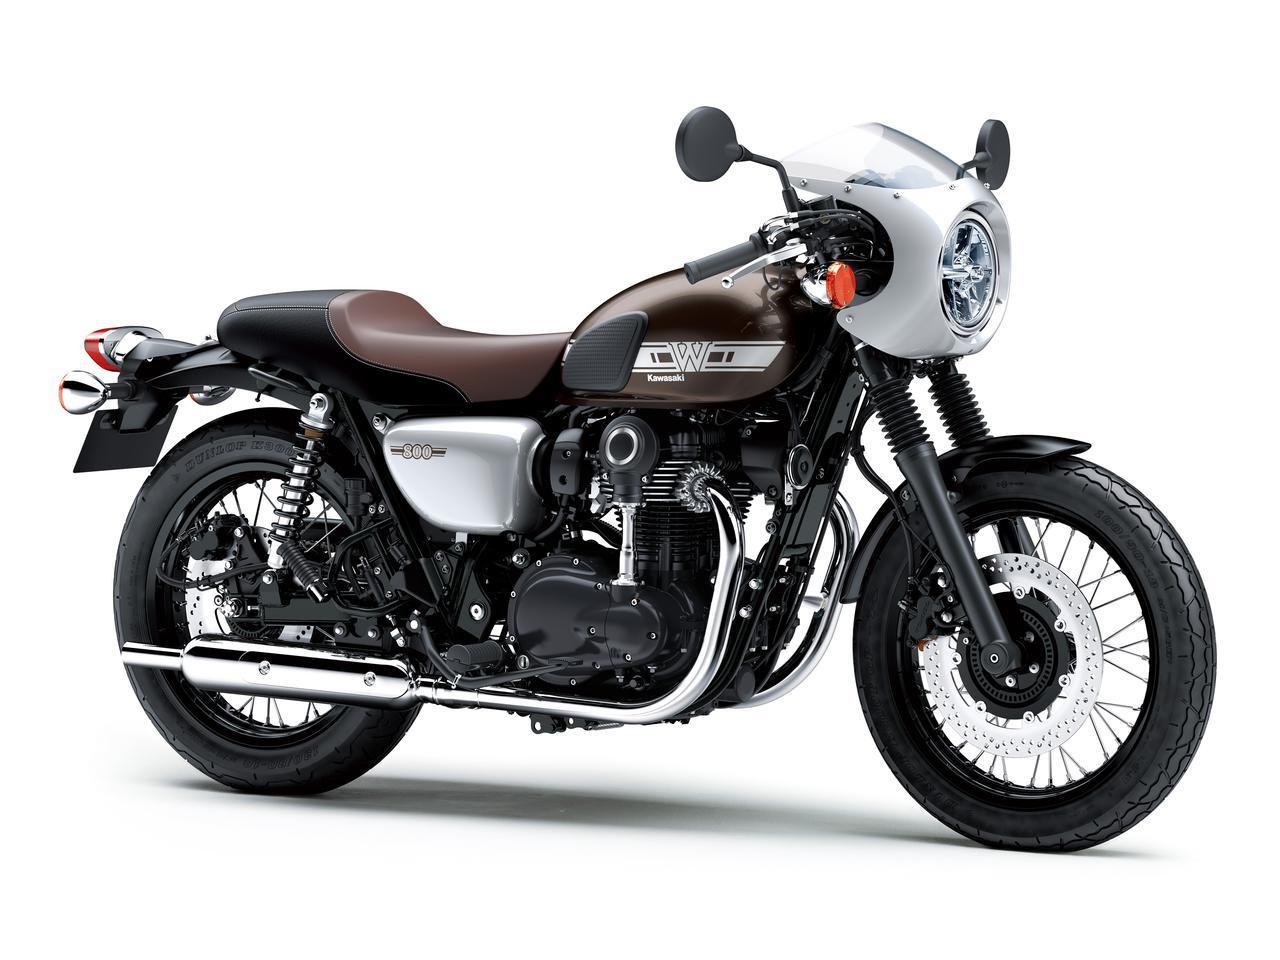 画像16: カワサキが「W800」シリーズの2021年モデルを発売! W800/W800ストリート/W800カフェの新色をチェック!